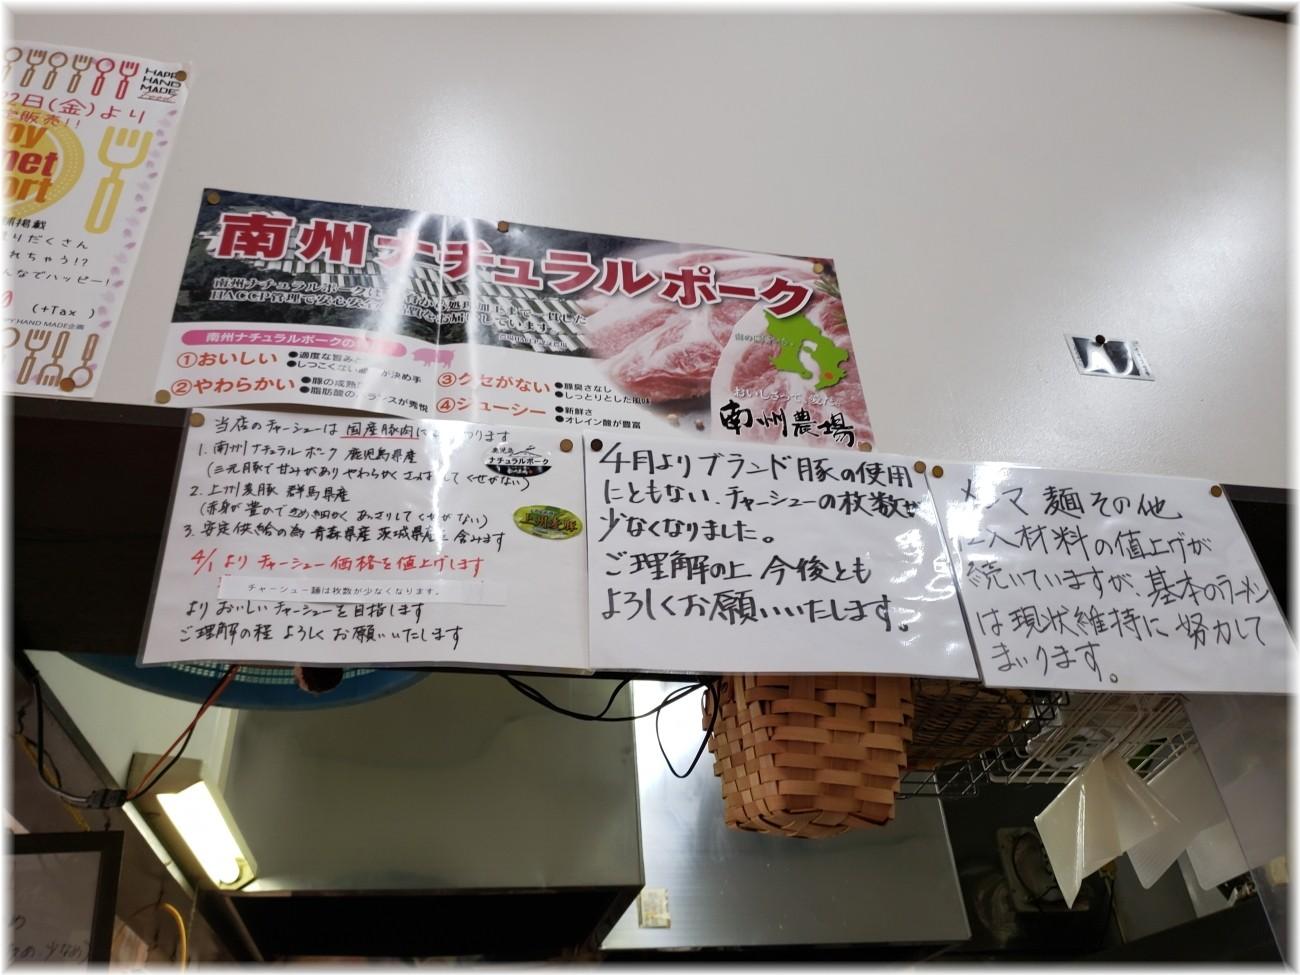 ラーメンショップ金田亭 店内